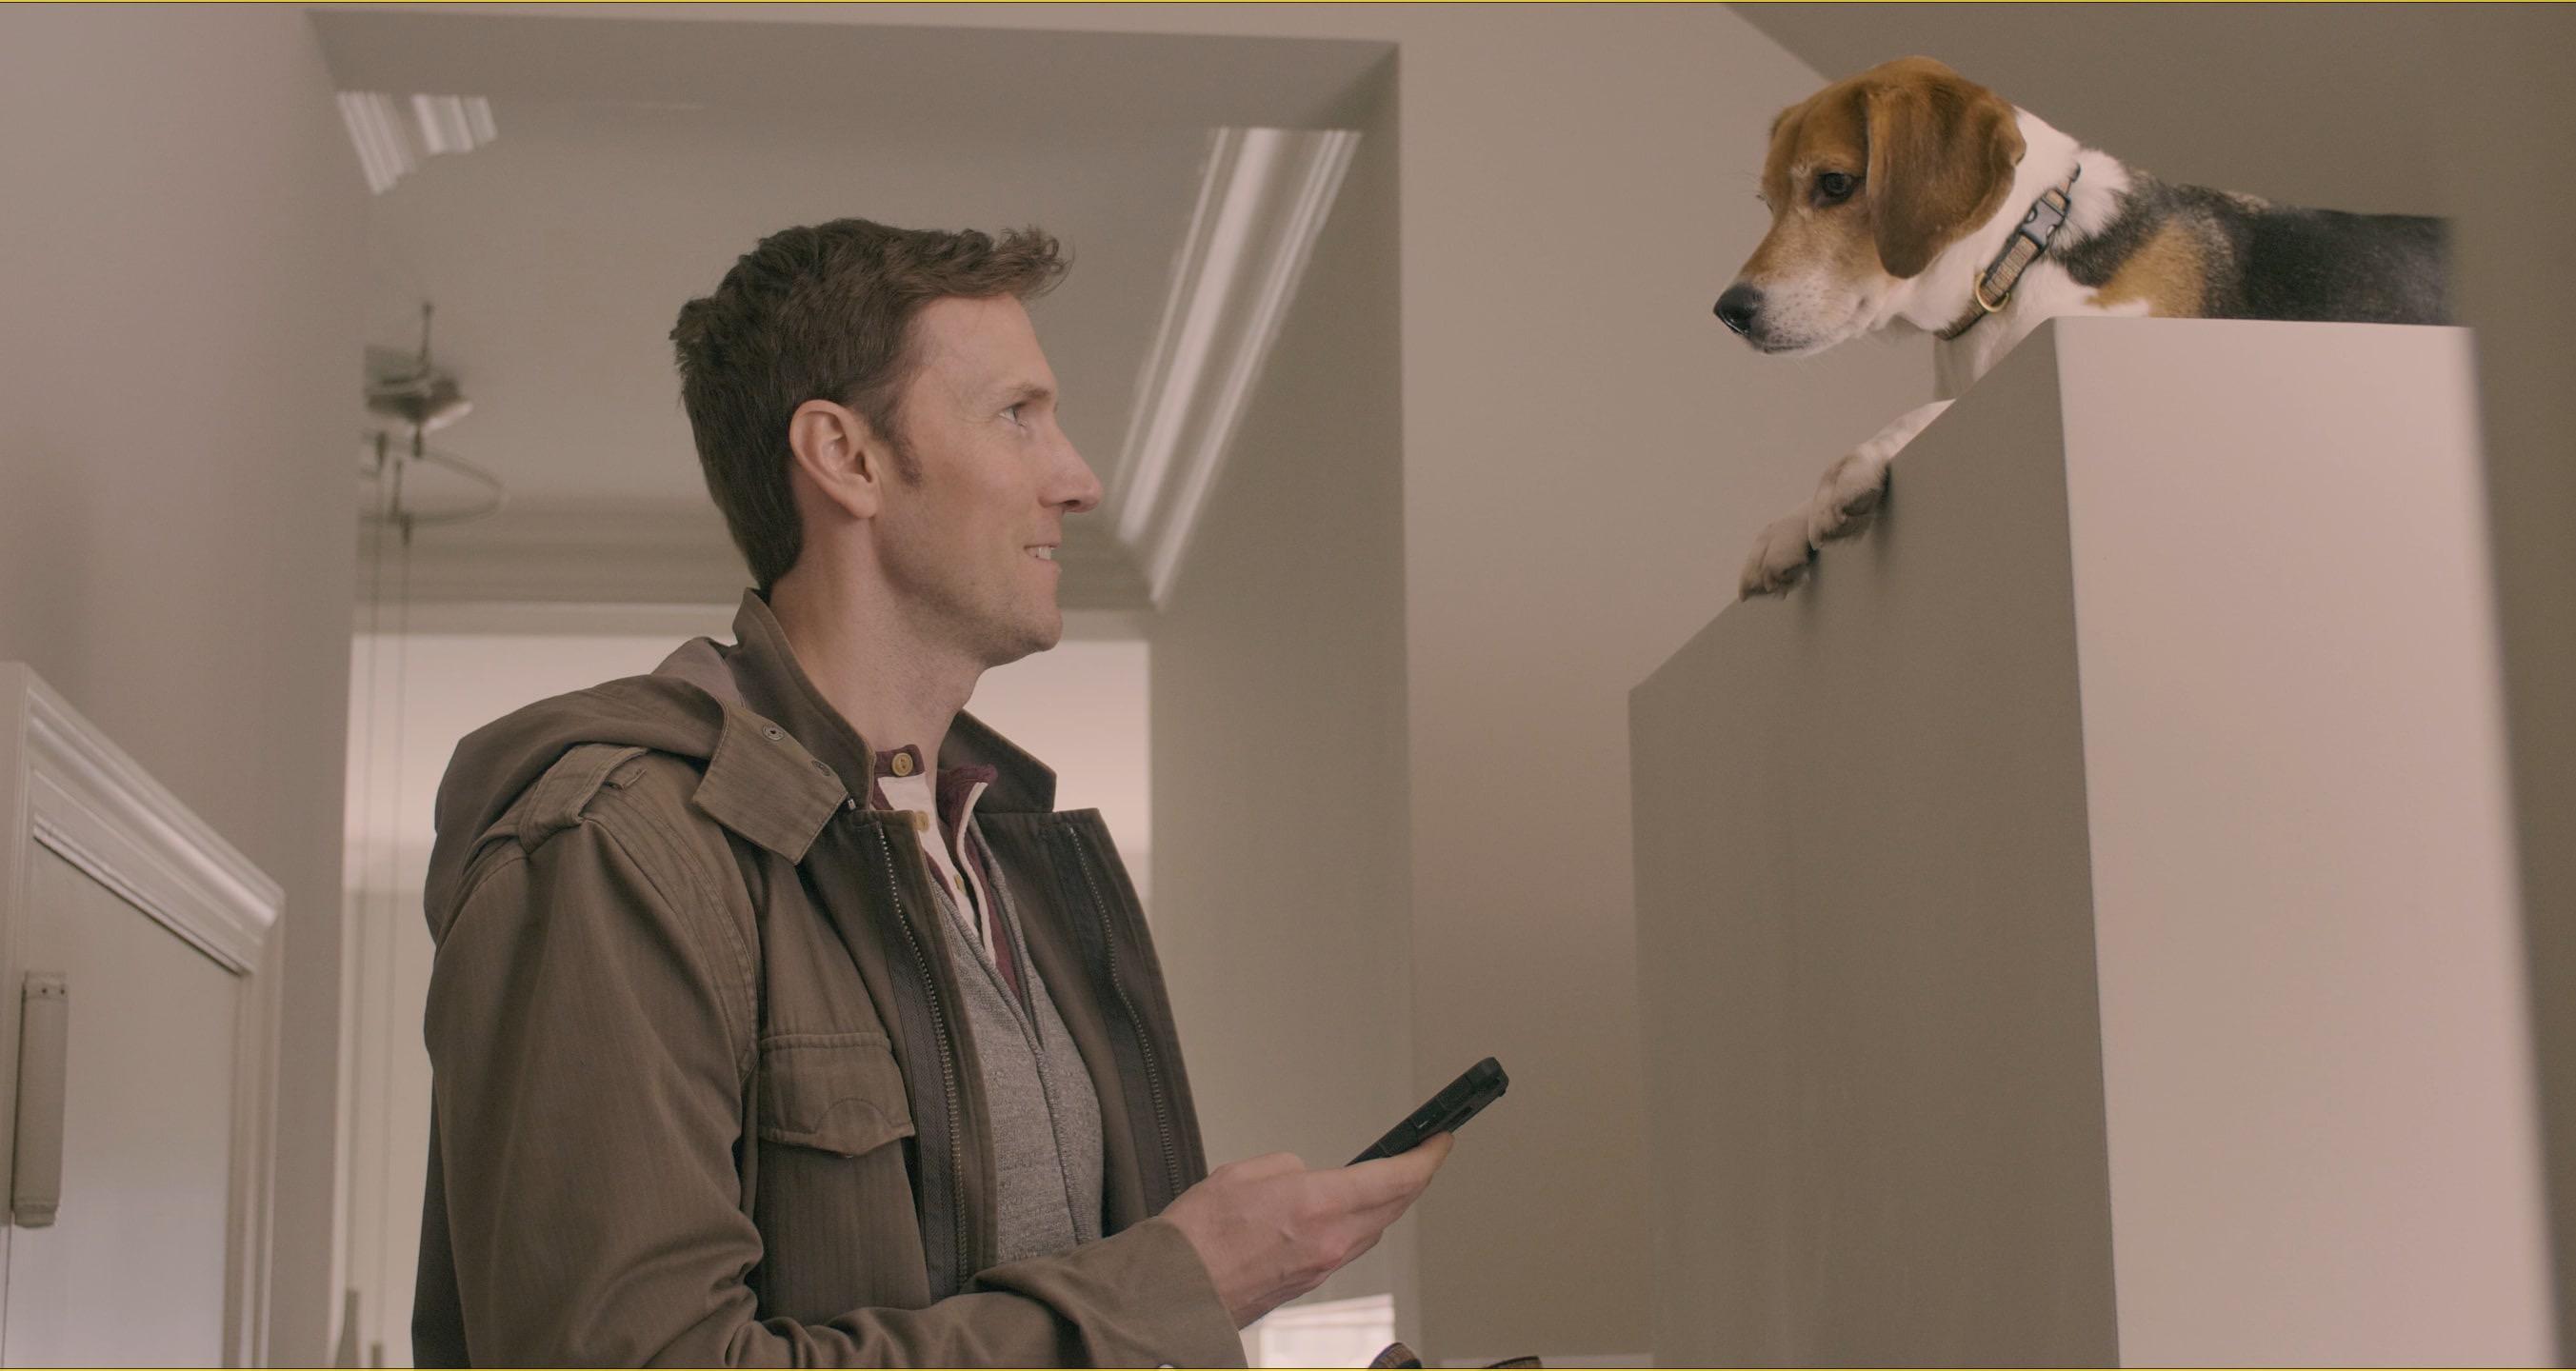 Dogmate (Tim)